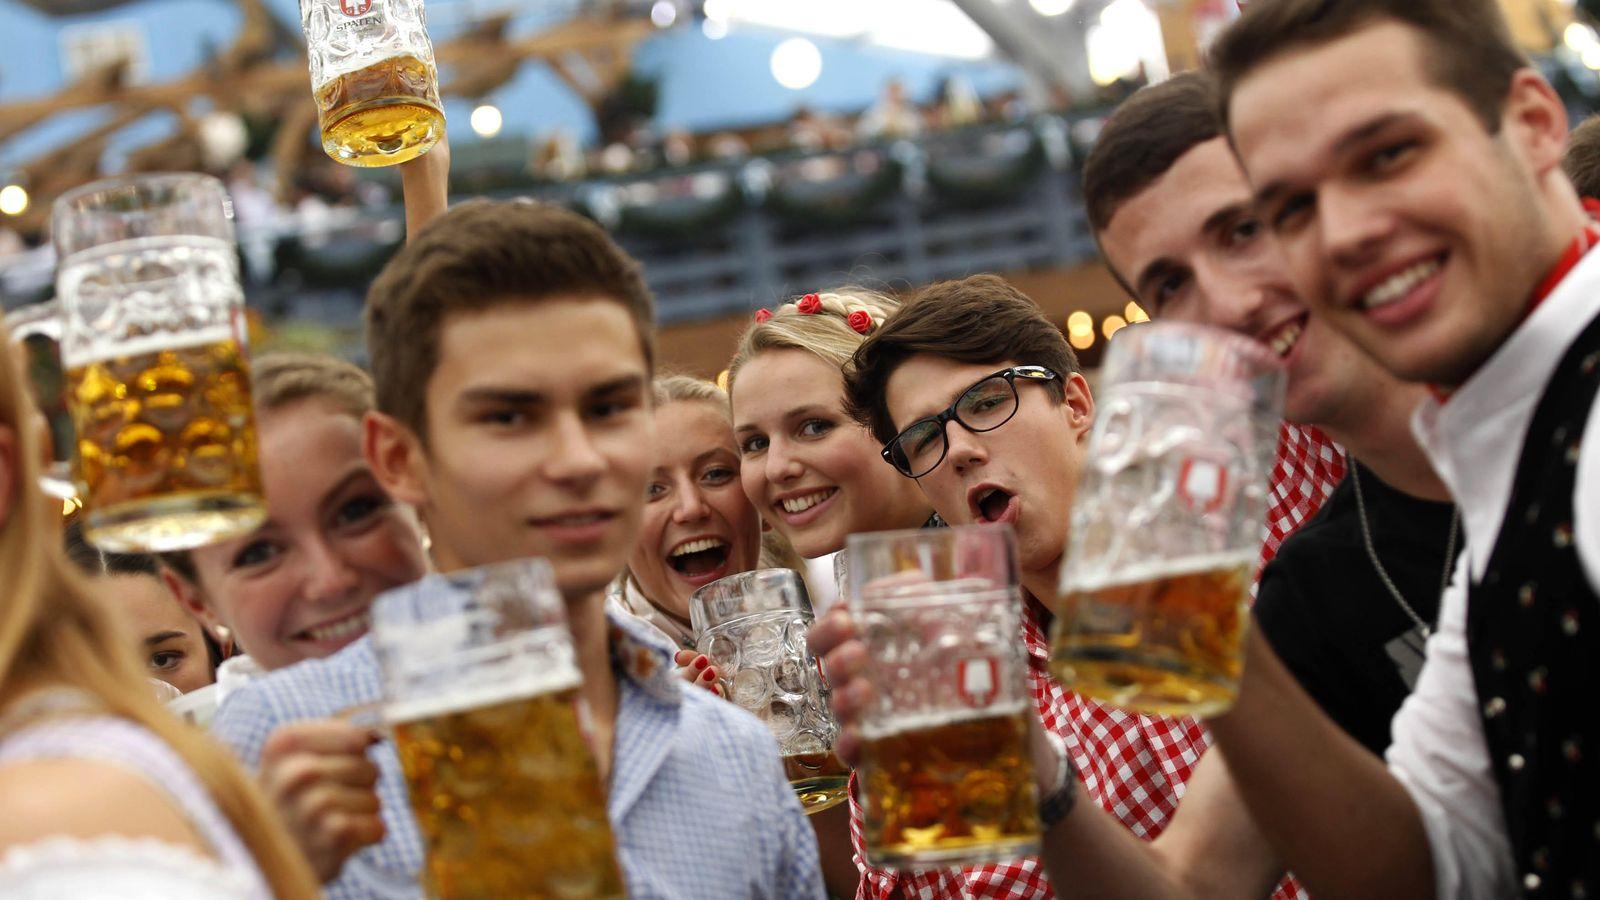 Foto: El Oktoberfest es uno de los grandes reclamos turísticos de Alemania, pero la realidad de los emigrantes es muy diferente. (Reuters/Michaela Rehle)